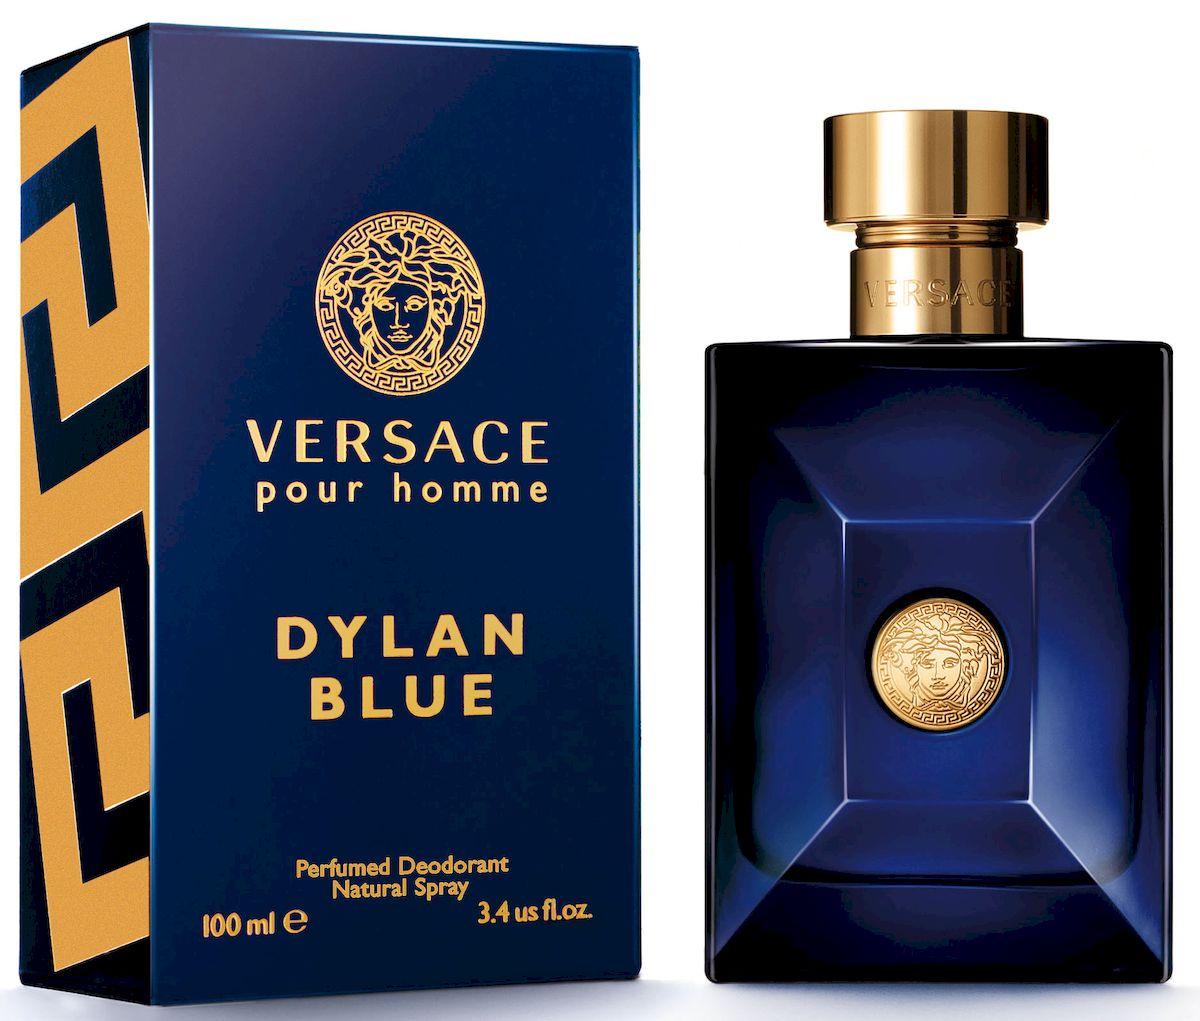 Versace Dylan Blue Дезодорант спрей 100 мл721020Dylan Blue - это воплощение современного мужчины Versace. Этот аромат с ярким индивидуальным характером пронизан мужественностью и харизмой. Уникальность этого фужерного аромата заключается в ярком древесном шлейфе - неповторимом сочетании природных компонентов и синтетических молекул последнего поколения. Верхняя нота: Калабрийский бергамот, Грейпфрут, Листья фигового дерева, Акватические ноты* (*фантазийный аккорд морской свежести). Средняя нота: Листья фиалки, Черный перец, Киприол, Амброксан, Пачули BIO. Шлейф: Минеральный мускус, Бобы тонка, Шафран, Ладан. Древесный ароматический фужерный. Dylan Blue - это воплощение современного мужчины Versace. Этот аромат с ярким индивидуальным характером пронизан мужественностью и харизмой.